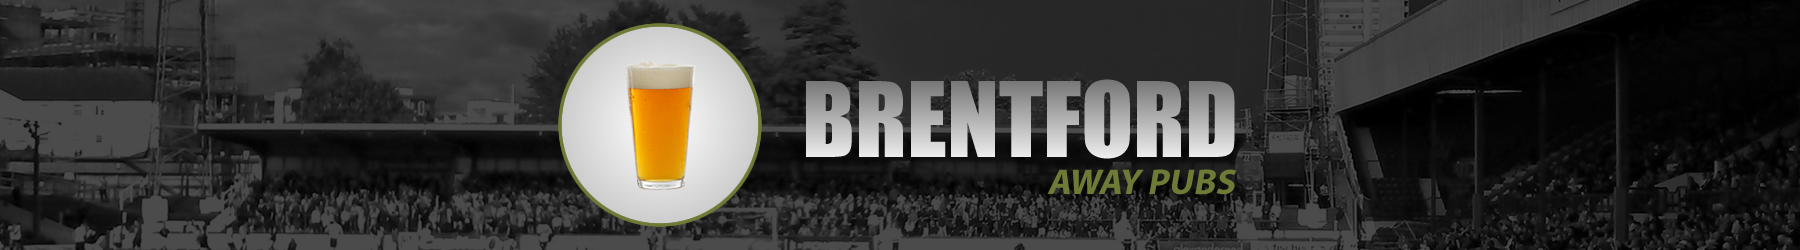 Brentford Away Pubs